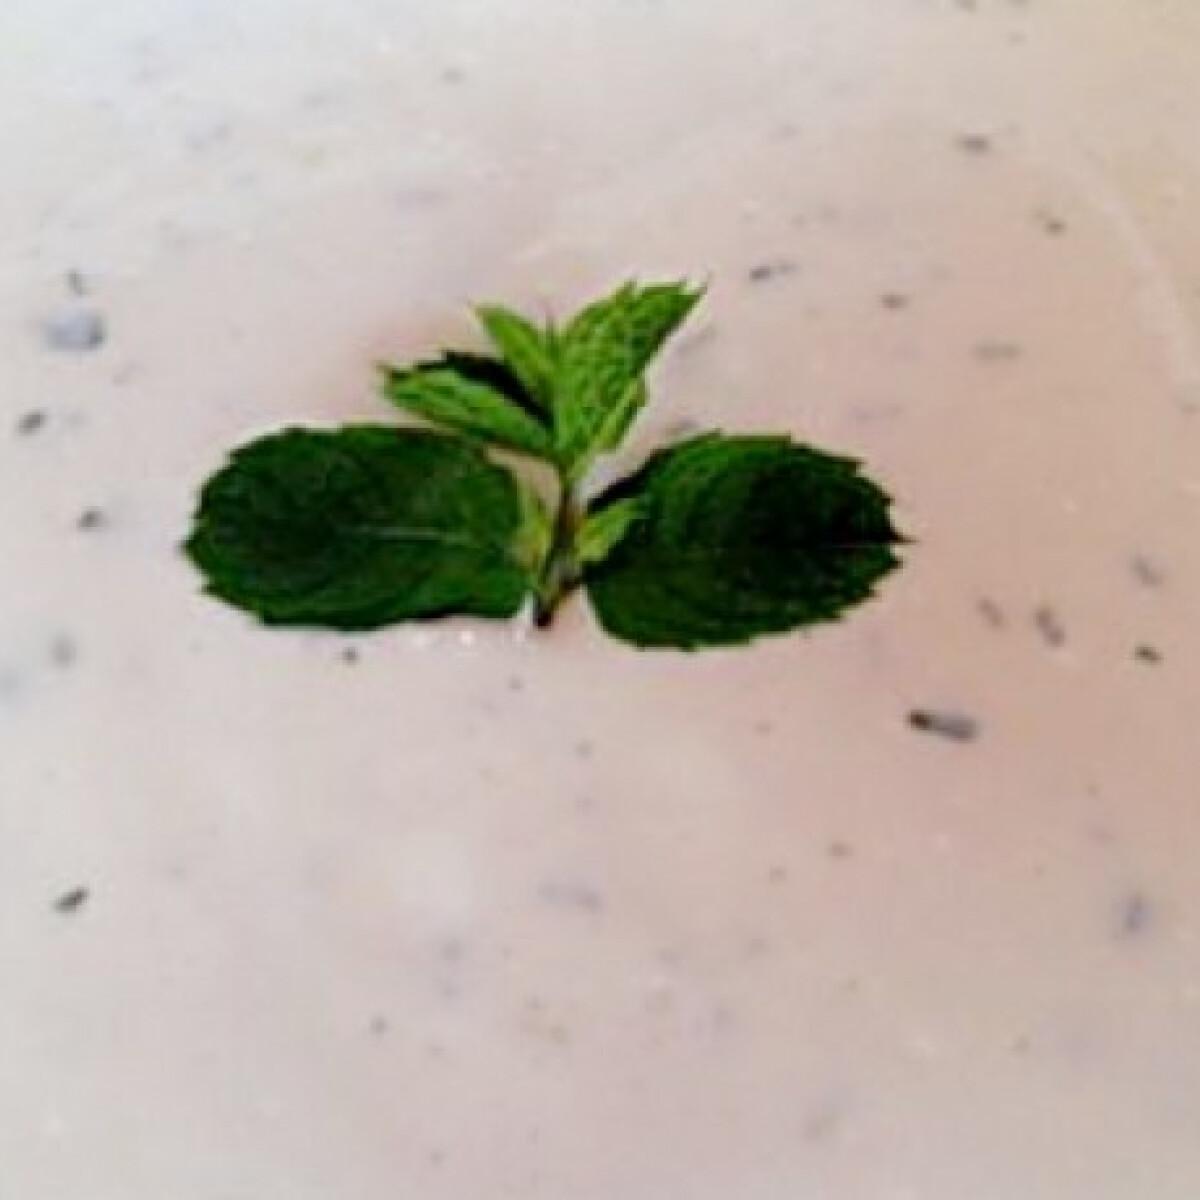 Ezen a képen: Joghurtos mentaszósz grillezéshez